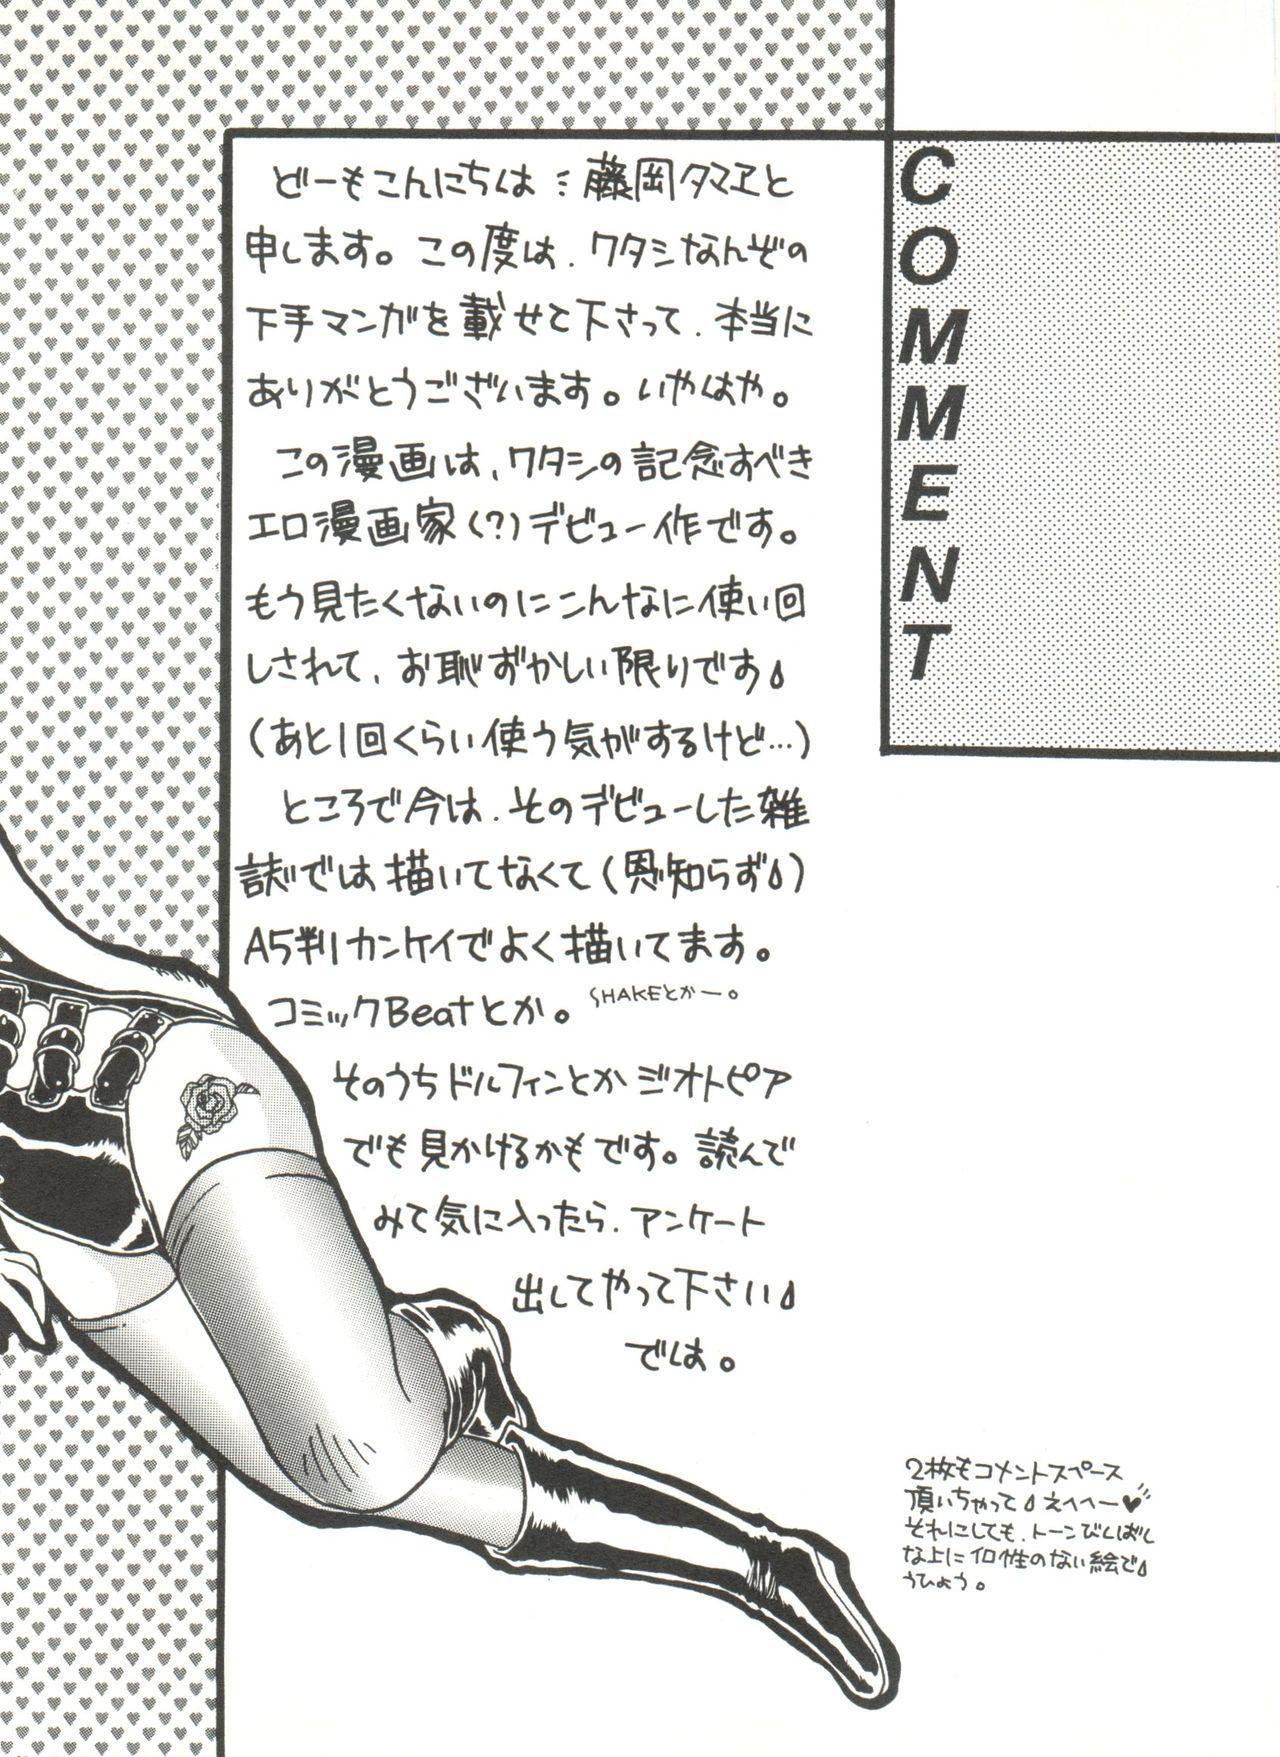 Bishoujo Doujinshi Anthology 6 102